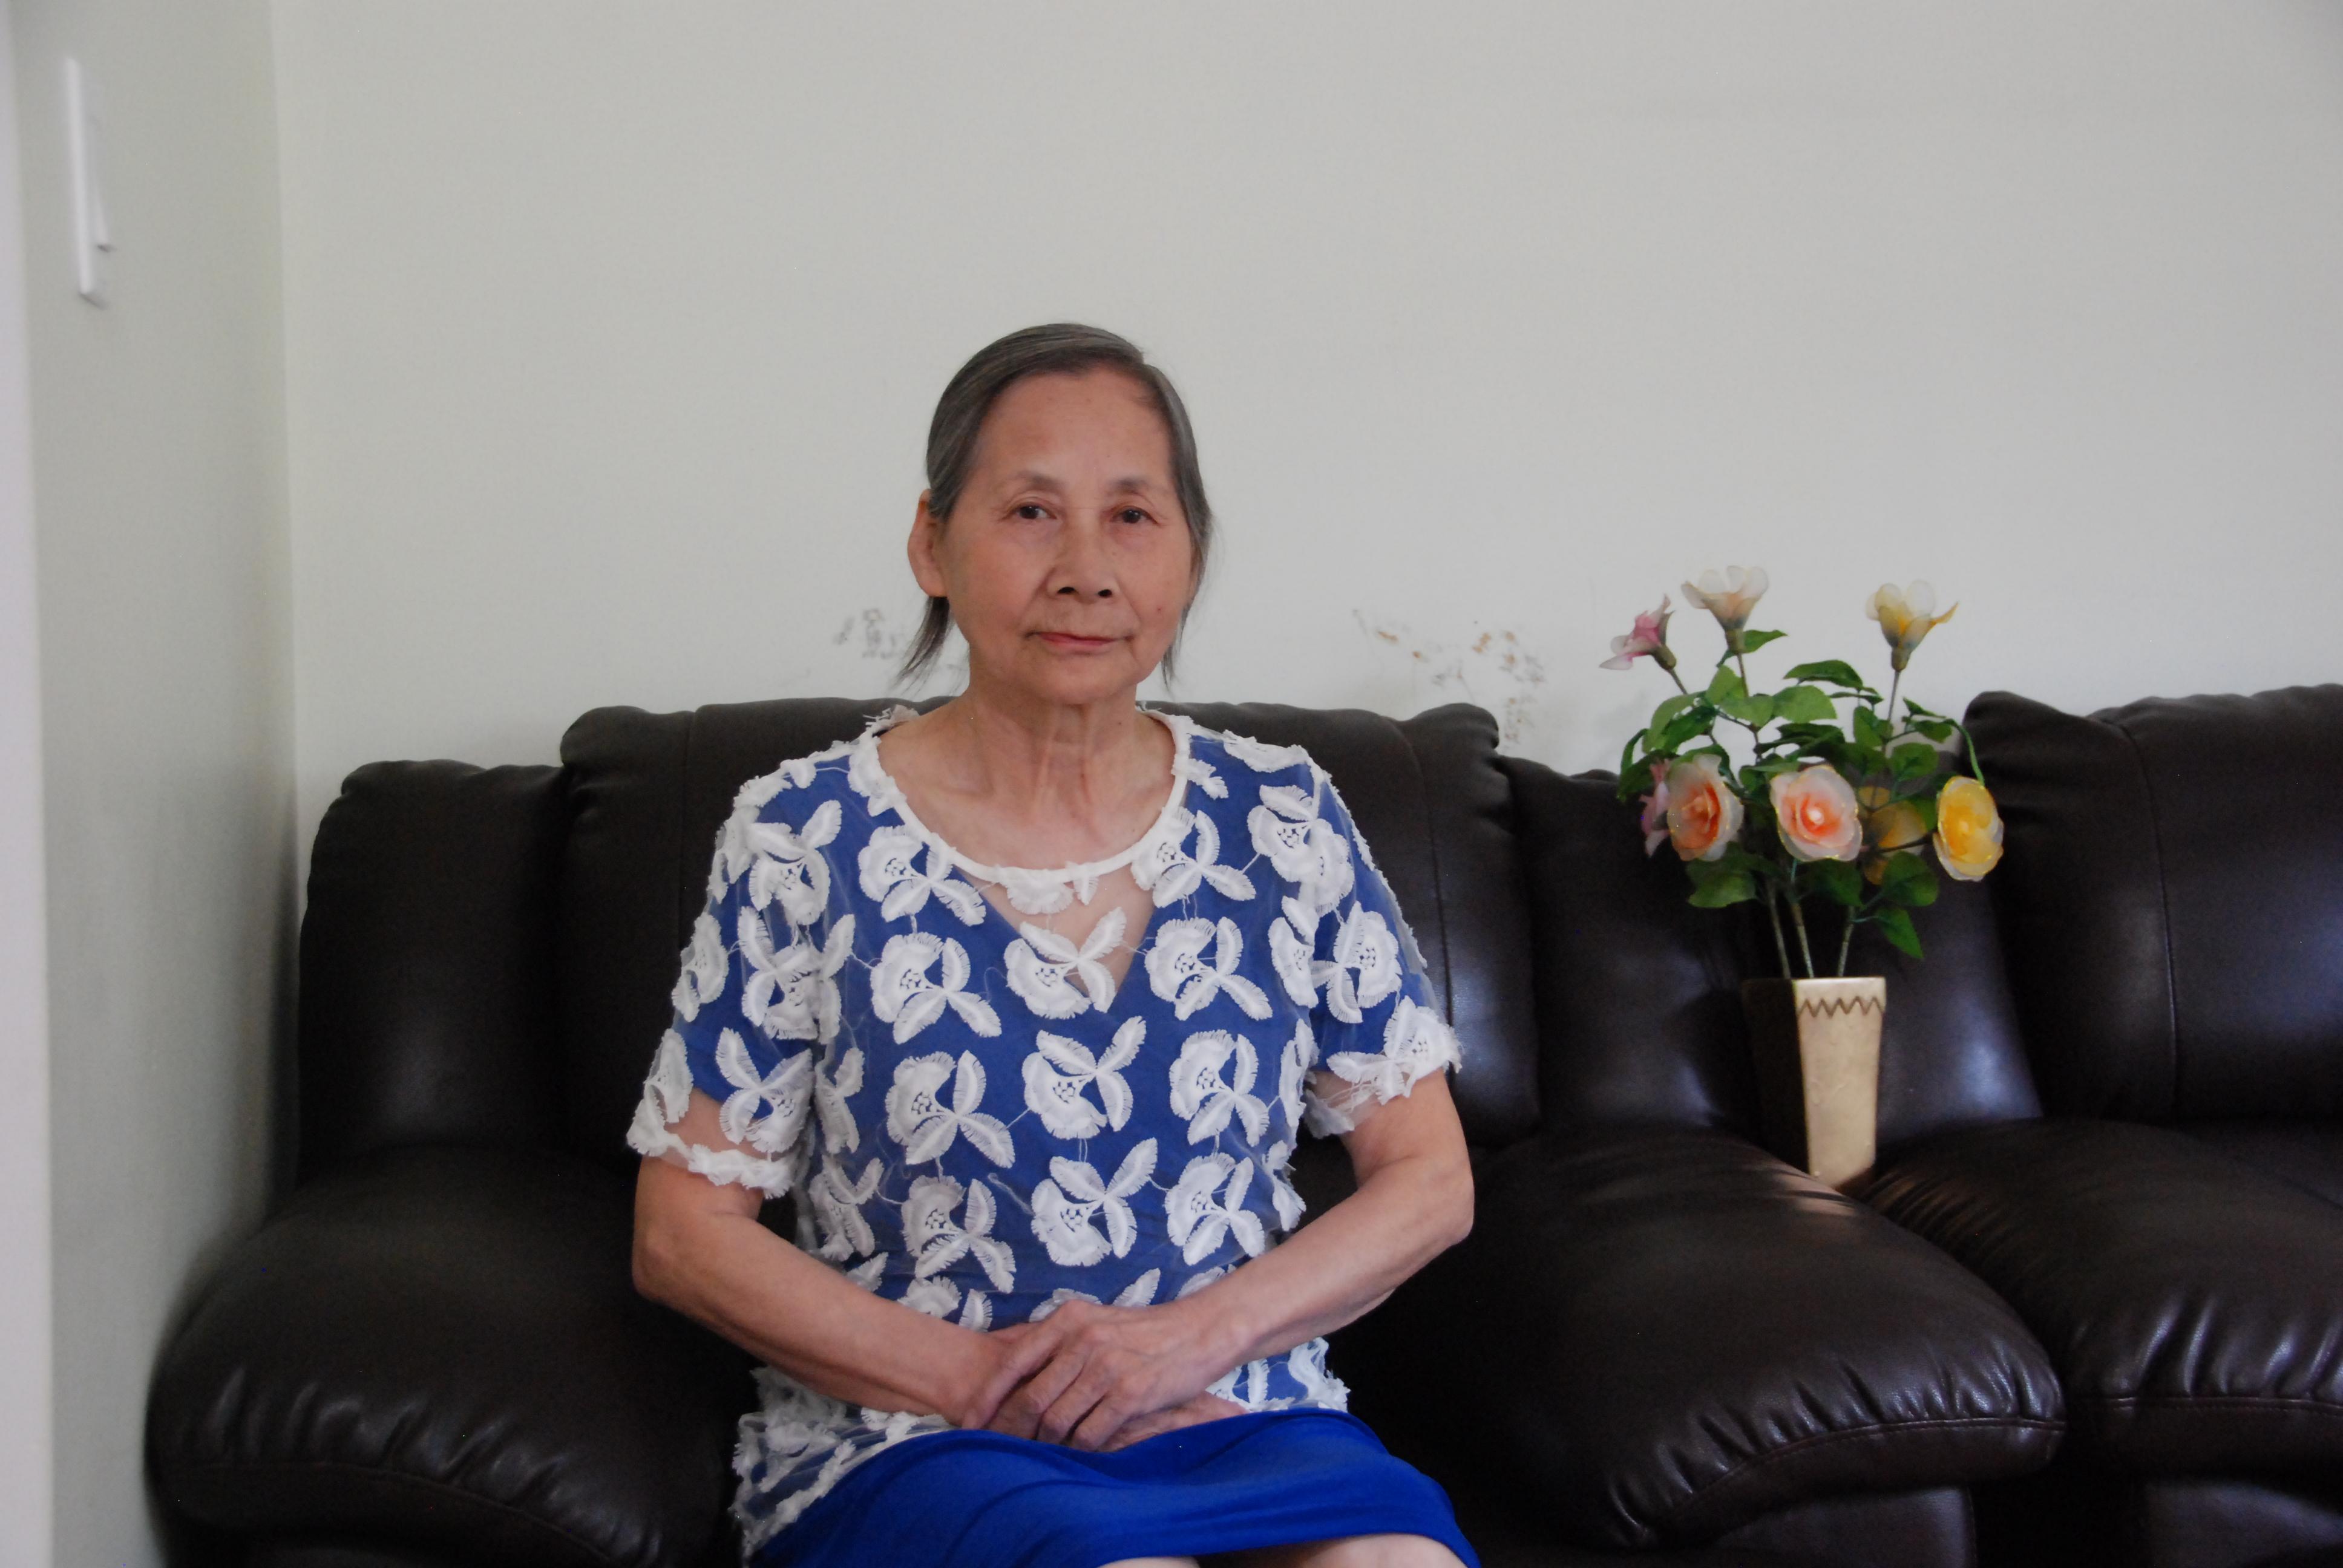 逃離中國 法輪功學員王東曝中共酷刑迫害